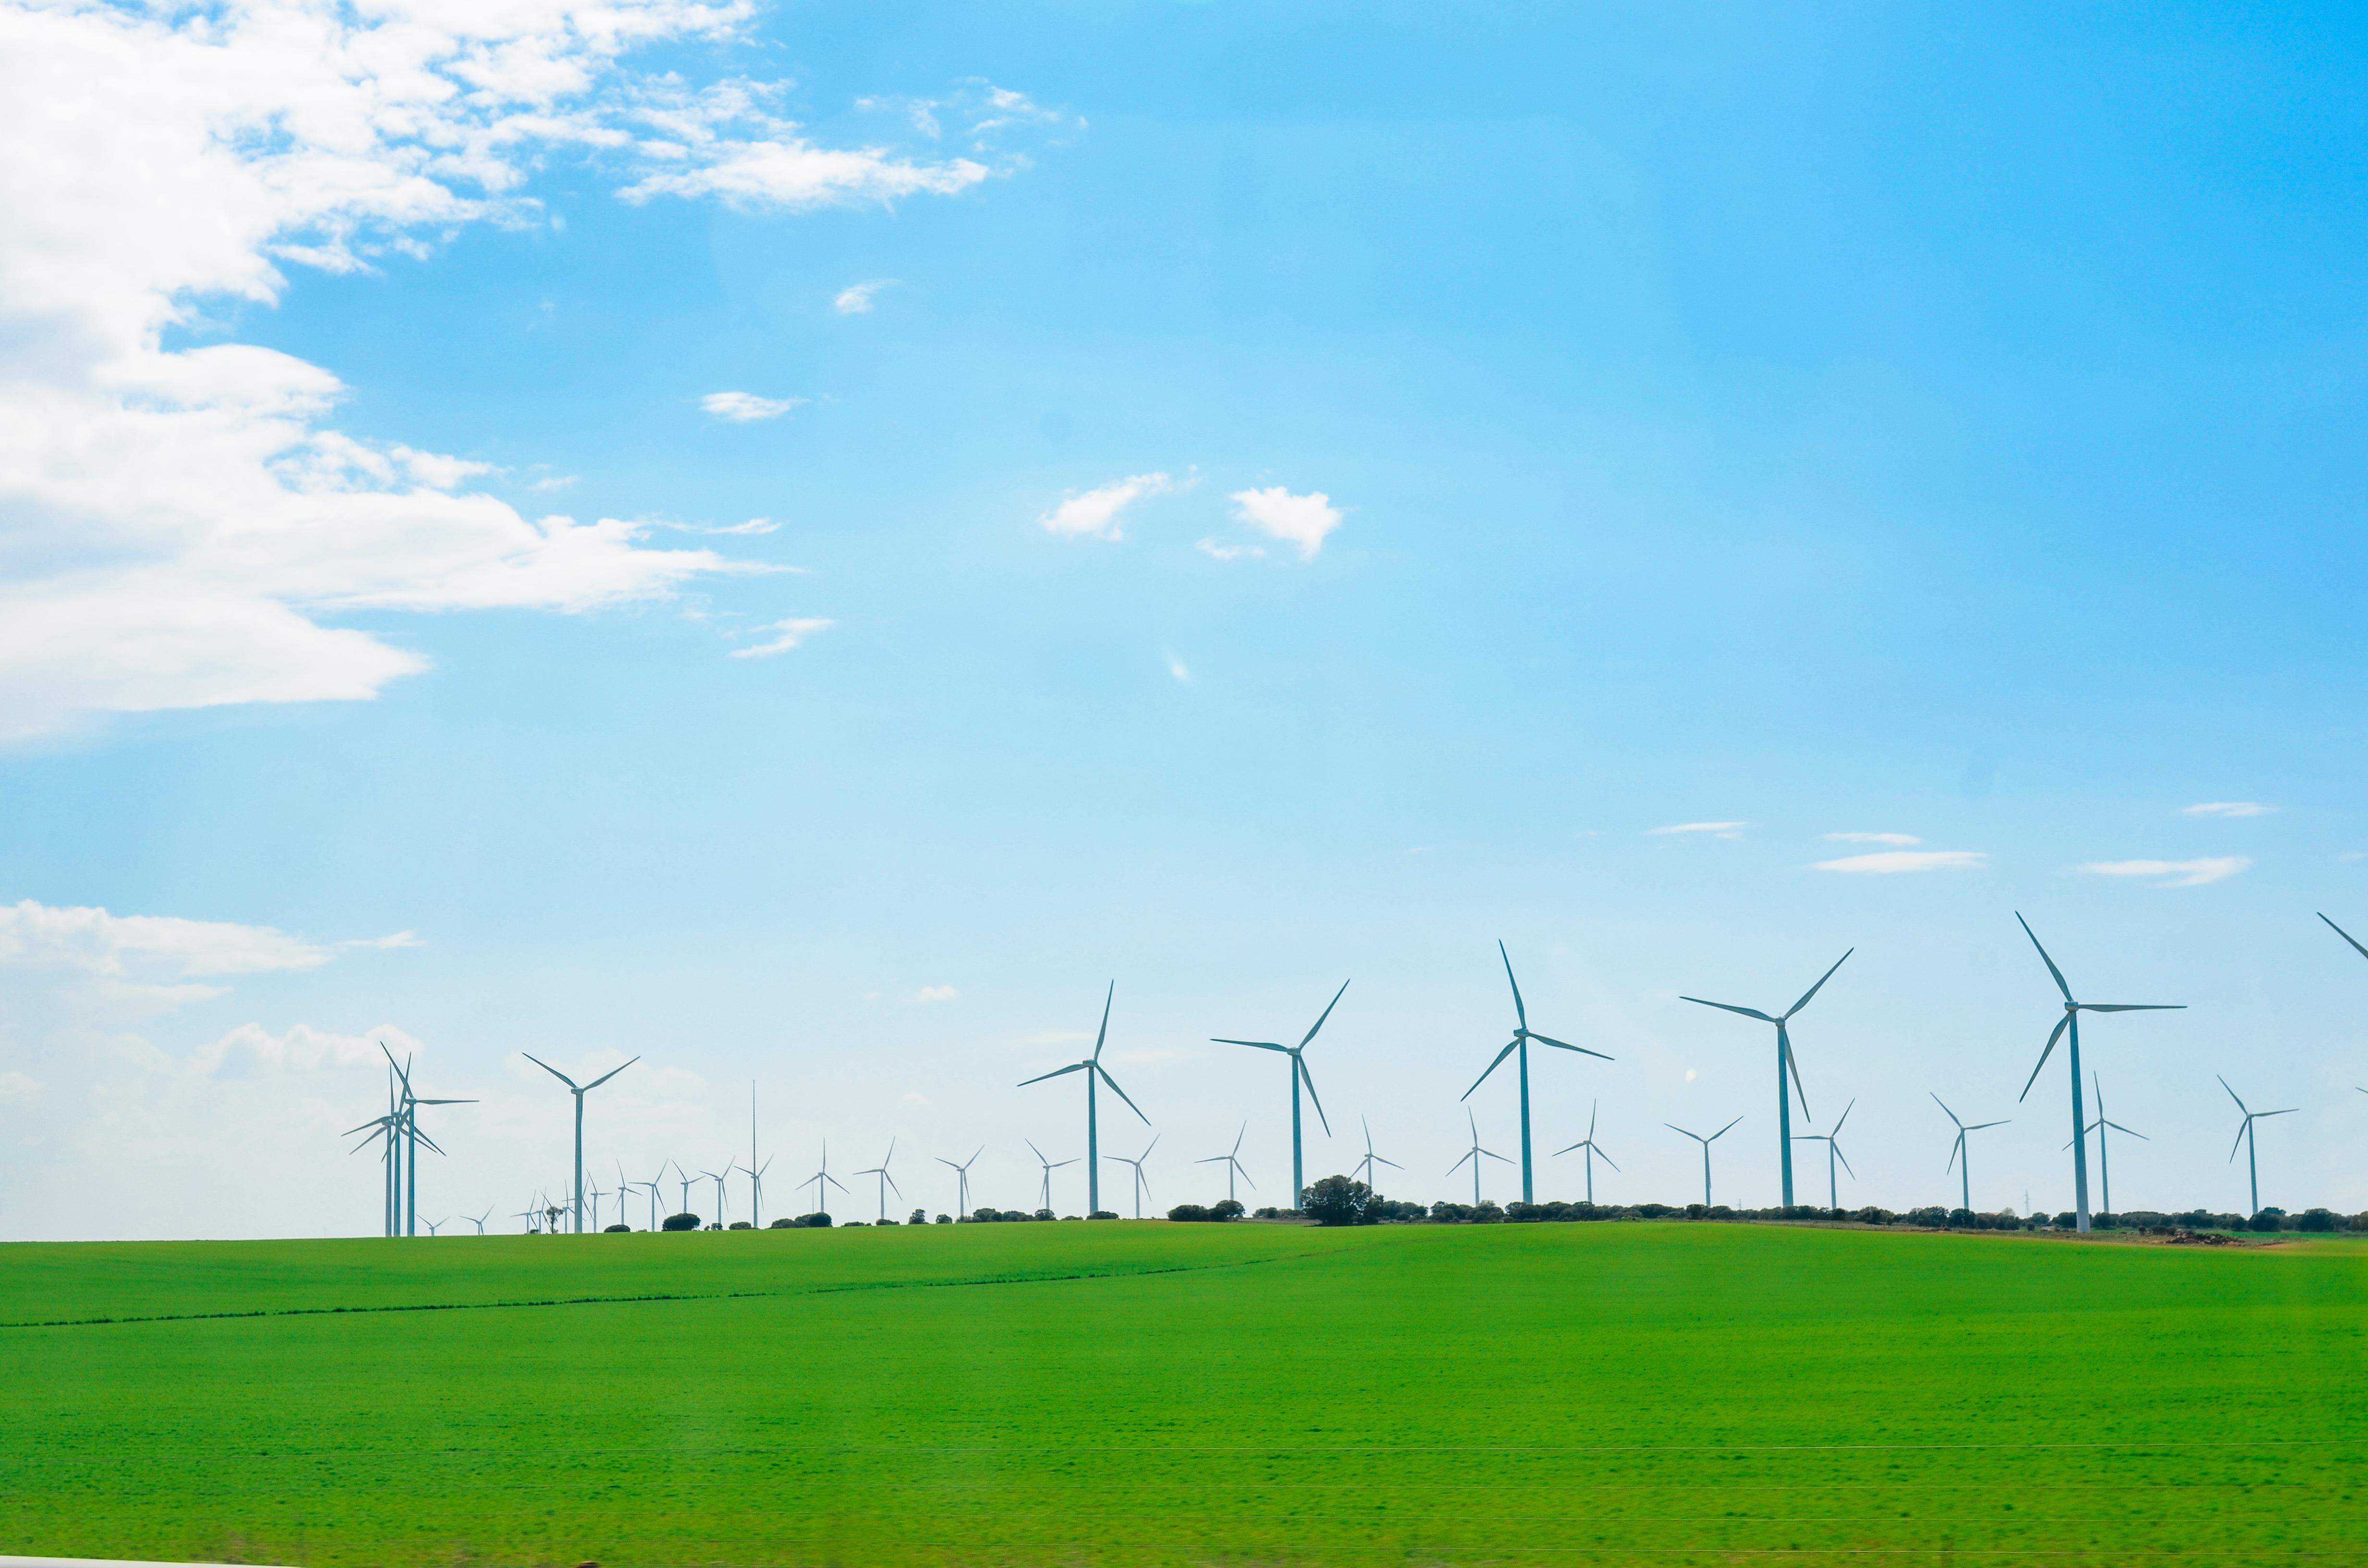 https://watt.co.uk/wp-content/uploads/2020/04/wind-mill-farm-9XEBPUS.jpg